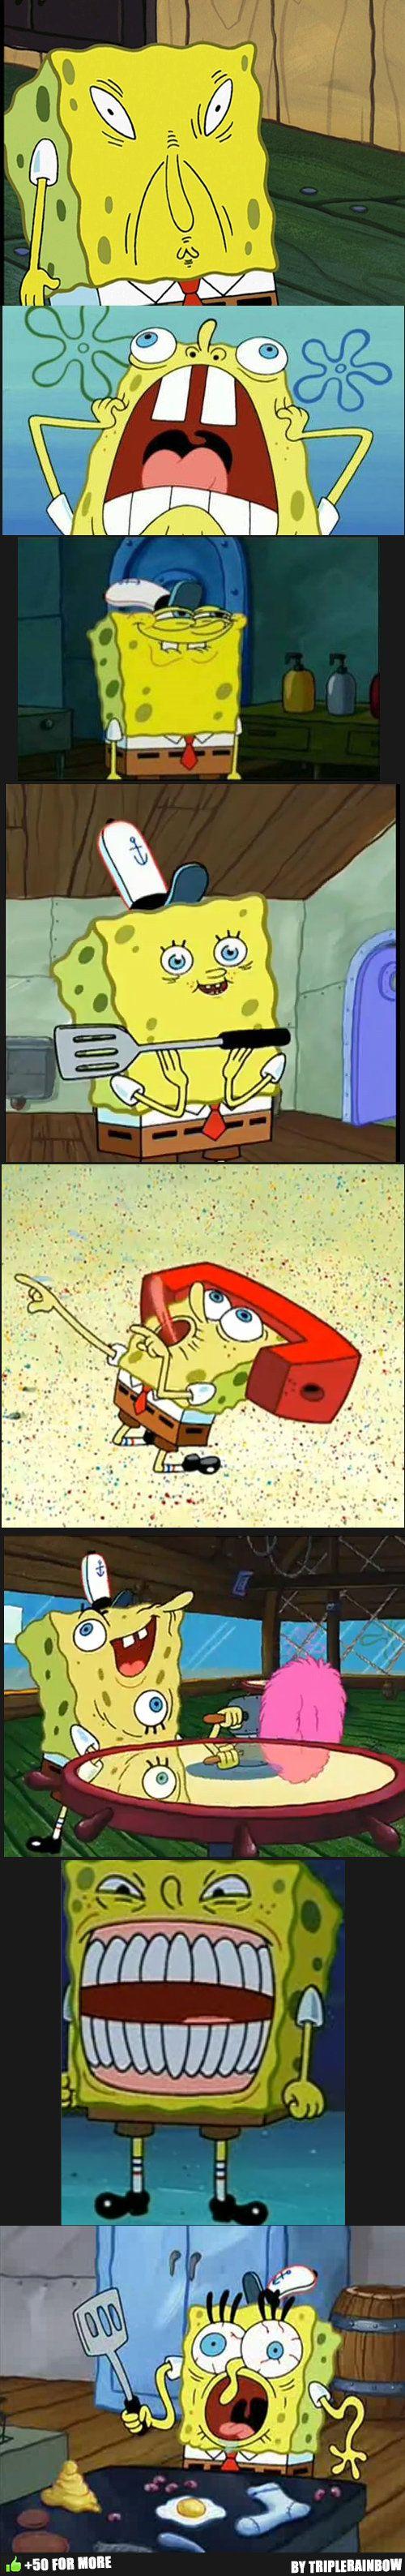 You Like Krabby Patties Meme